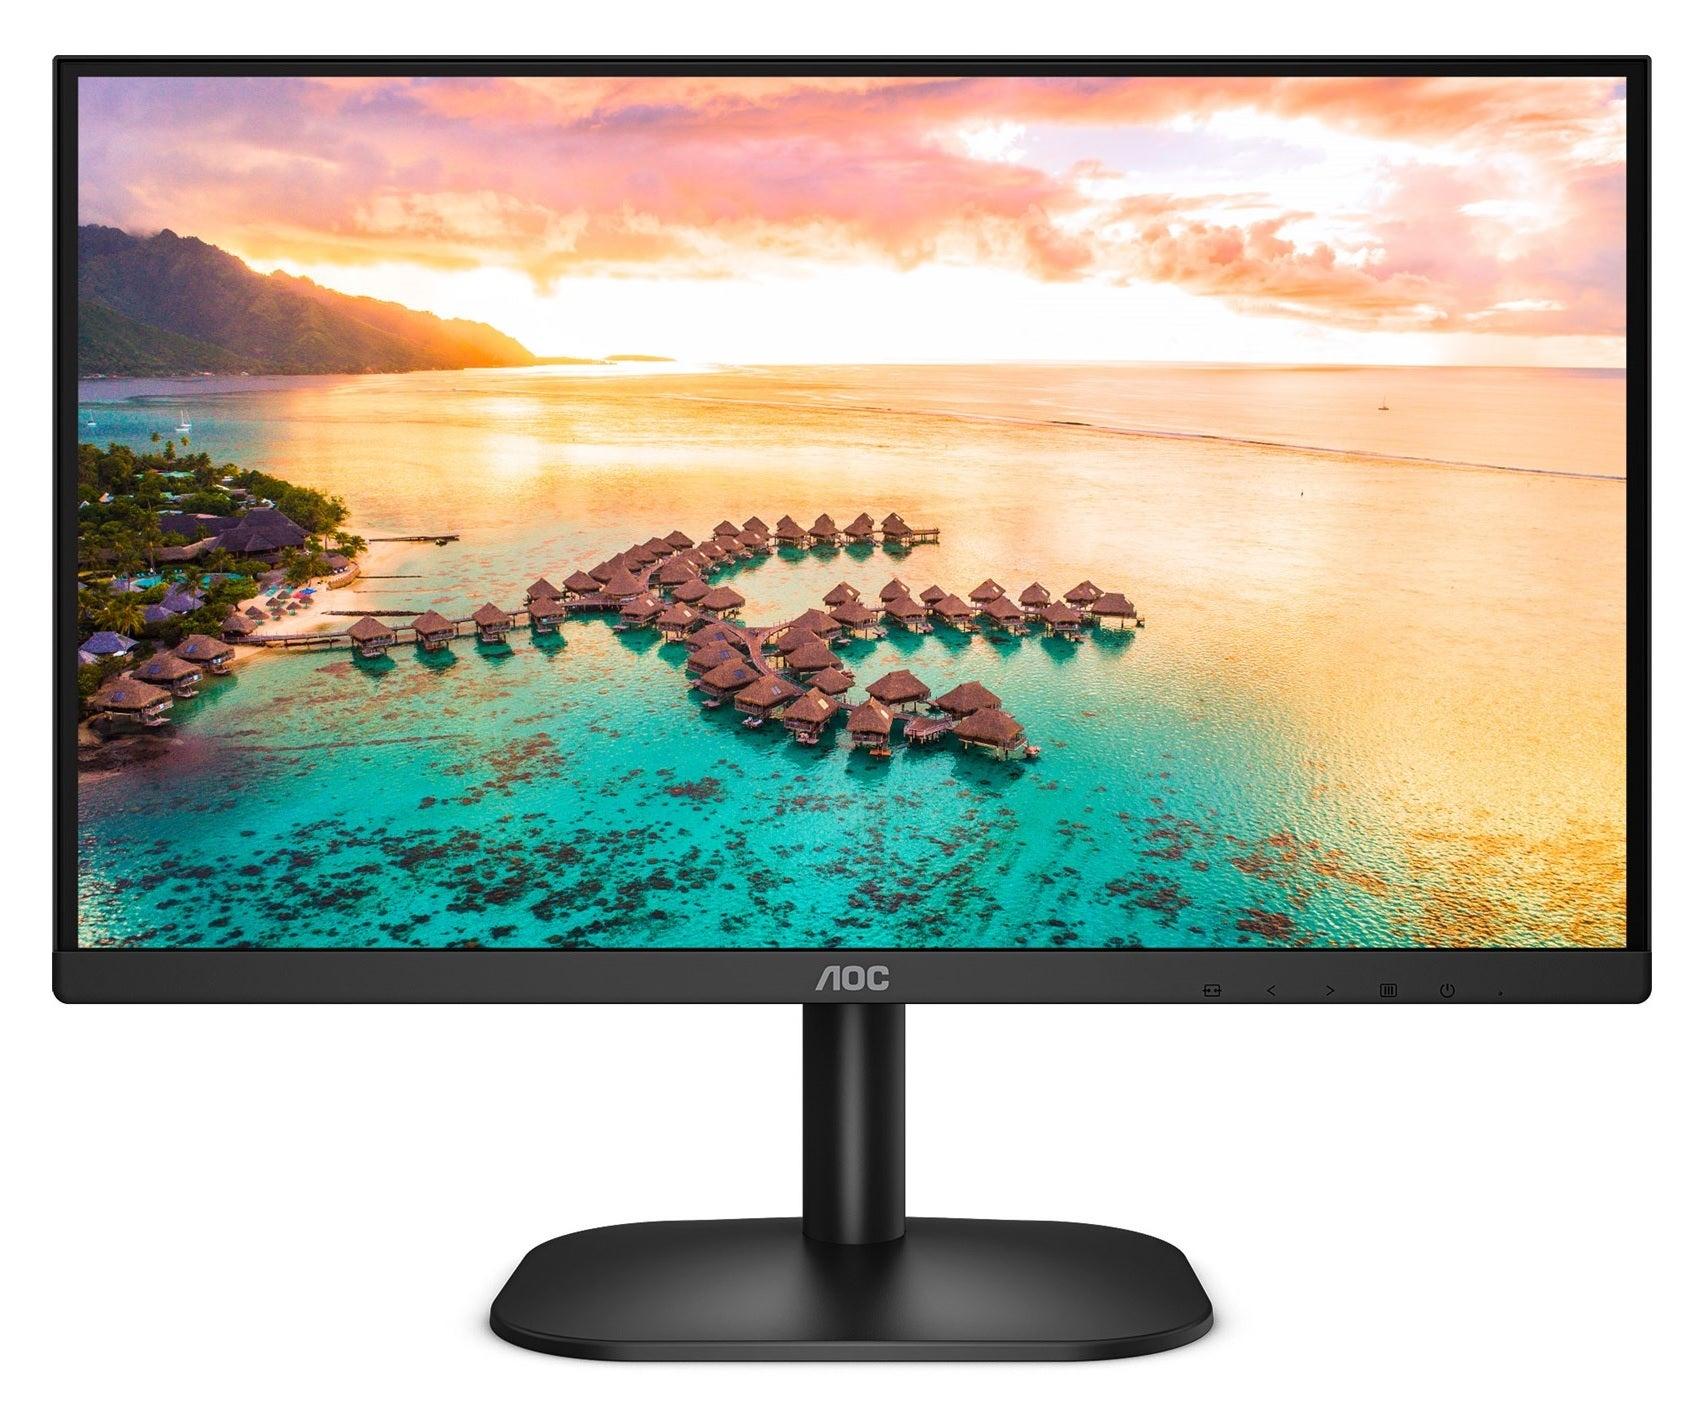 Aoc 24B2XH 23.8 inch WLED Monitor